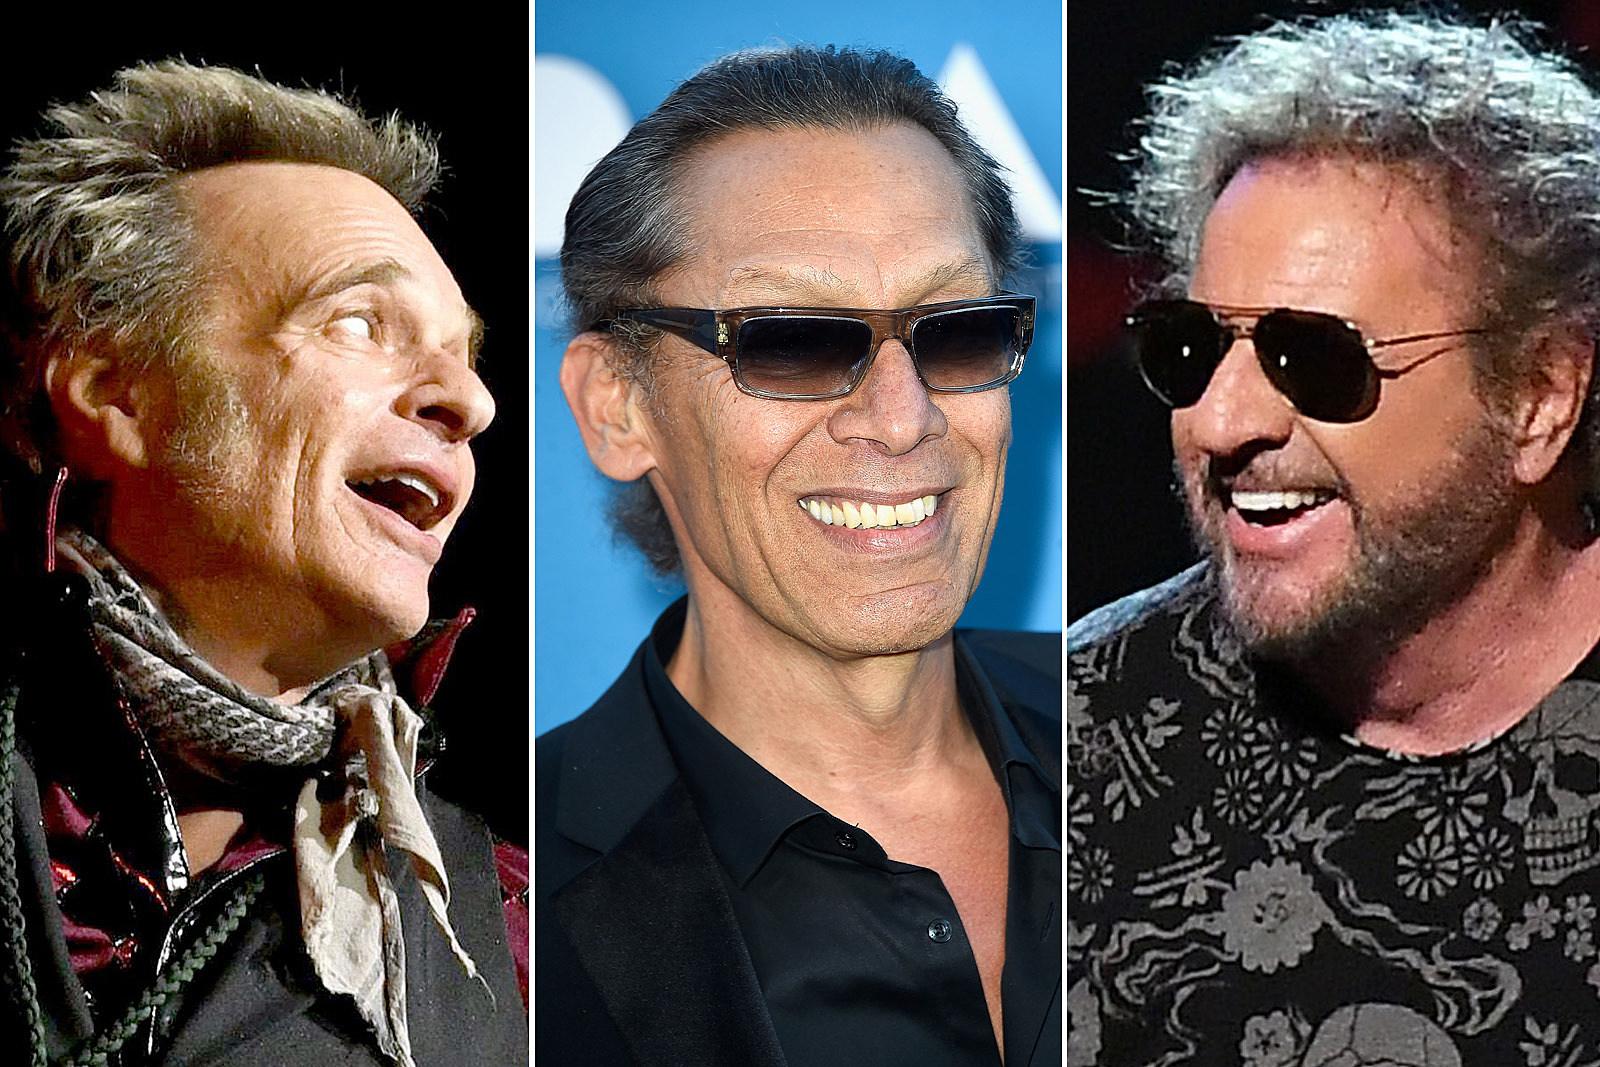 Alex Van Halen Compares David Lee Roth and Sammy Hagar